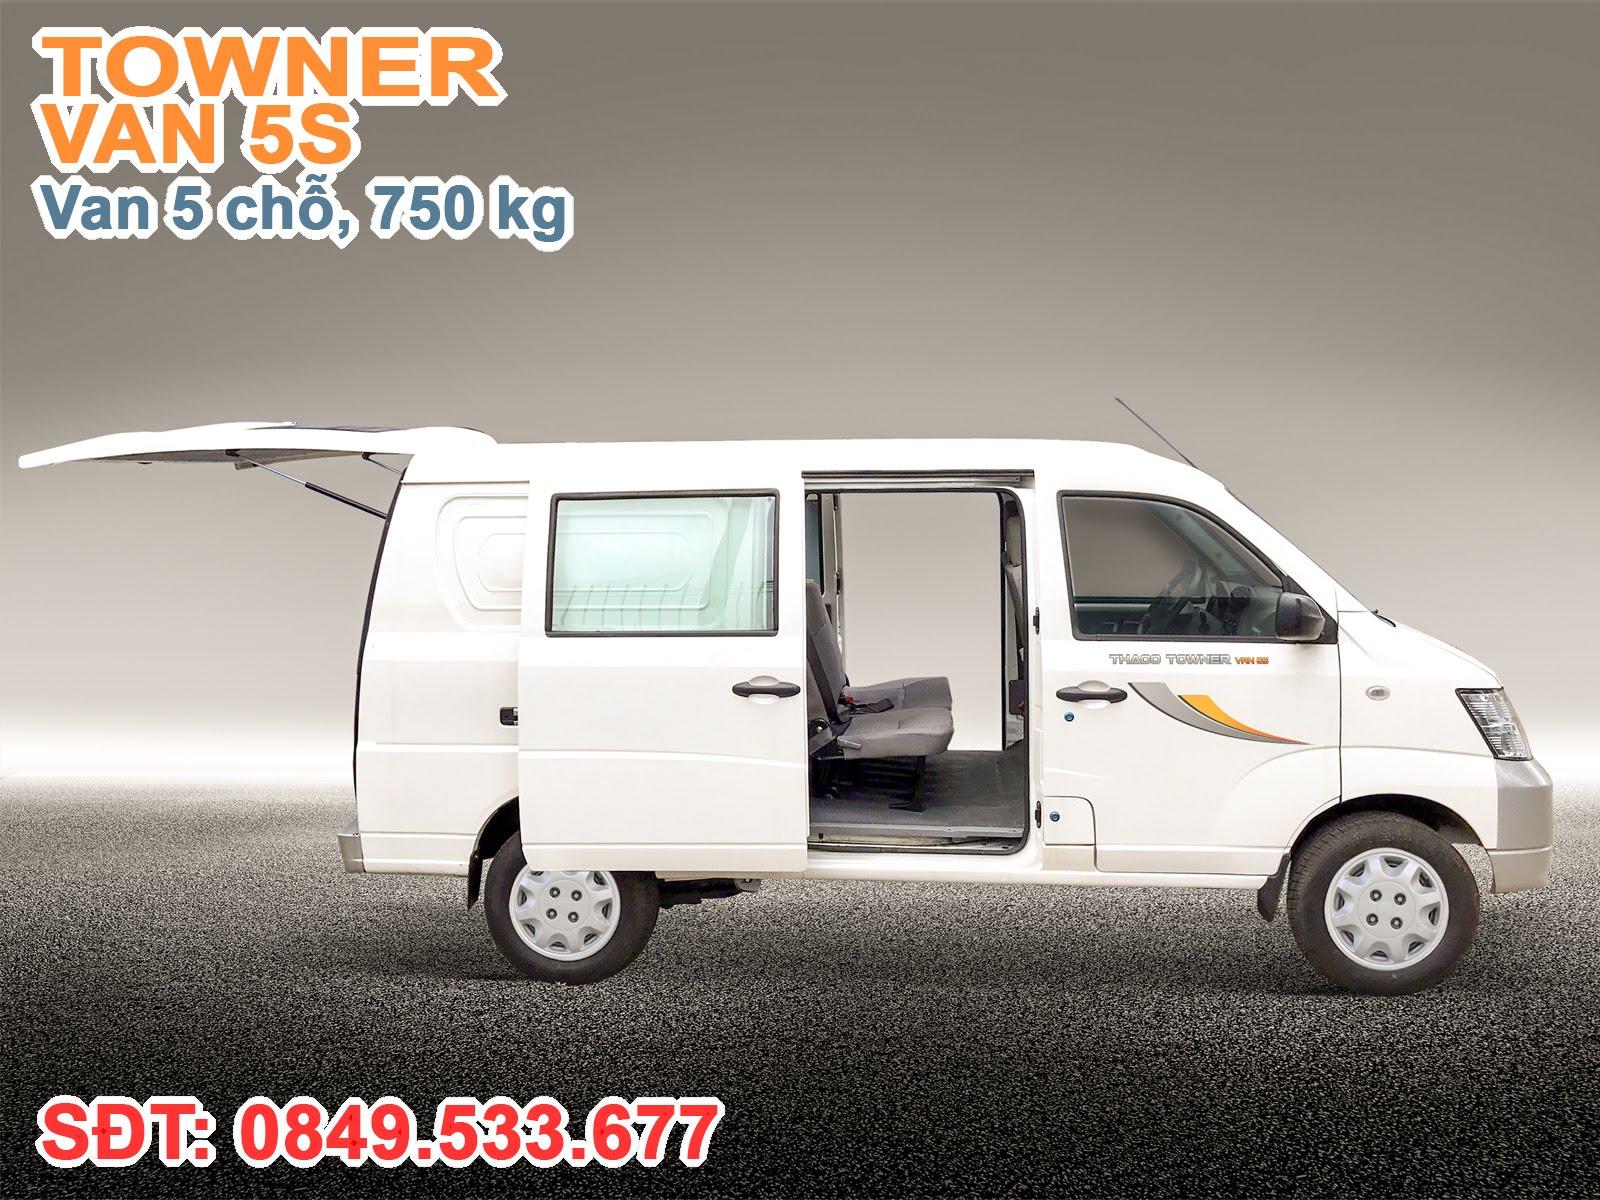 Xe thaco Towner Van 5S, Cửa sau xe Towner Van được trang bị ty hơi trợ lực, 2 cửa hông được thiết kế trượt thuận tiện và hạn chế chiếm dụng không gian thừa